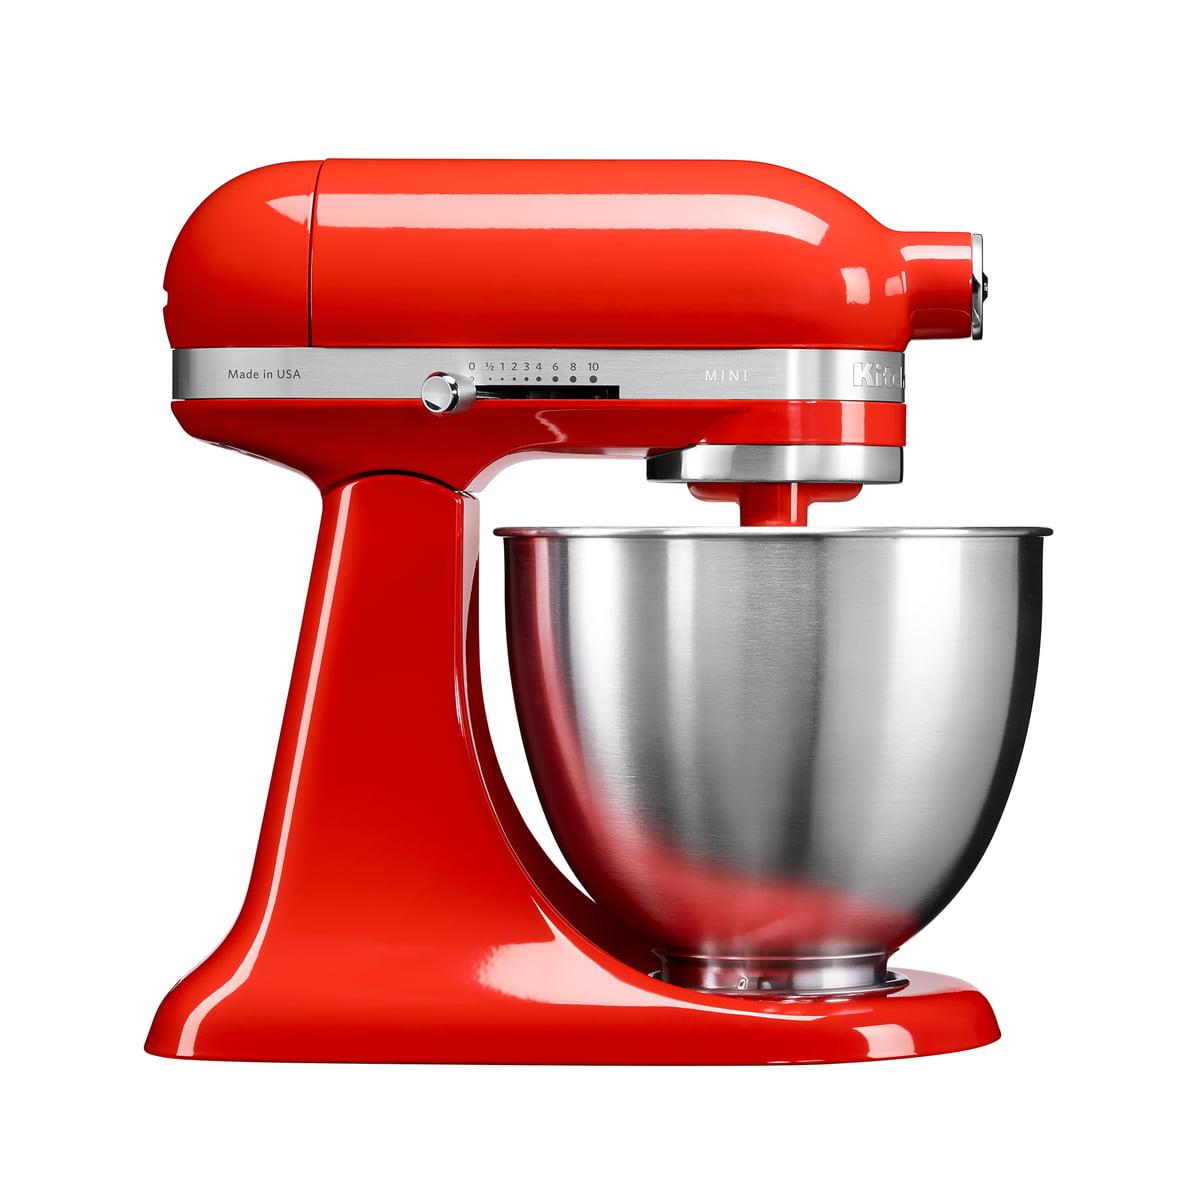 KitchenAid - Mini Küchenmaschine 3,3 l, hot Sauce | Küche und Esszimmer > Küchen | Kitchen Aid